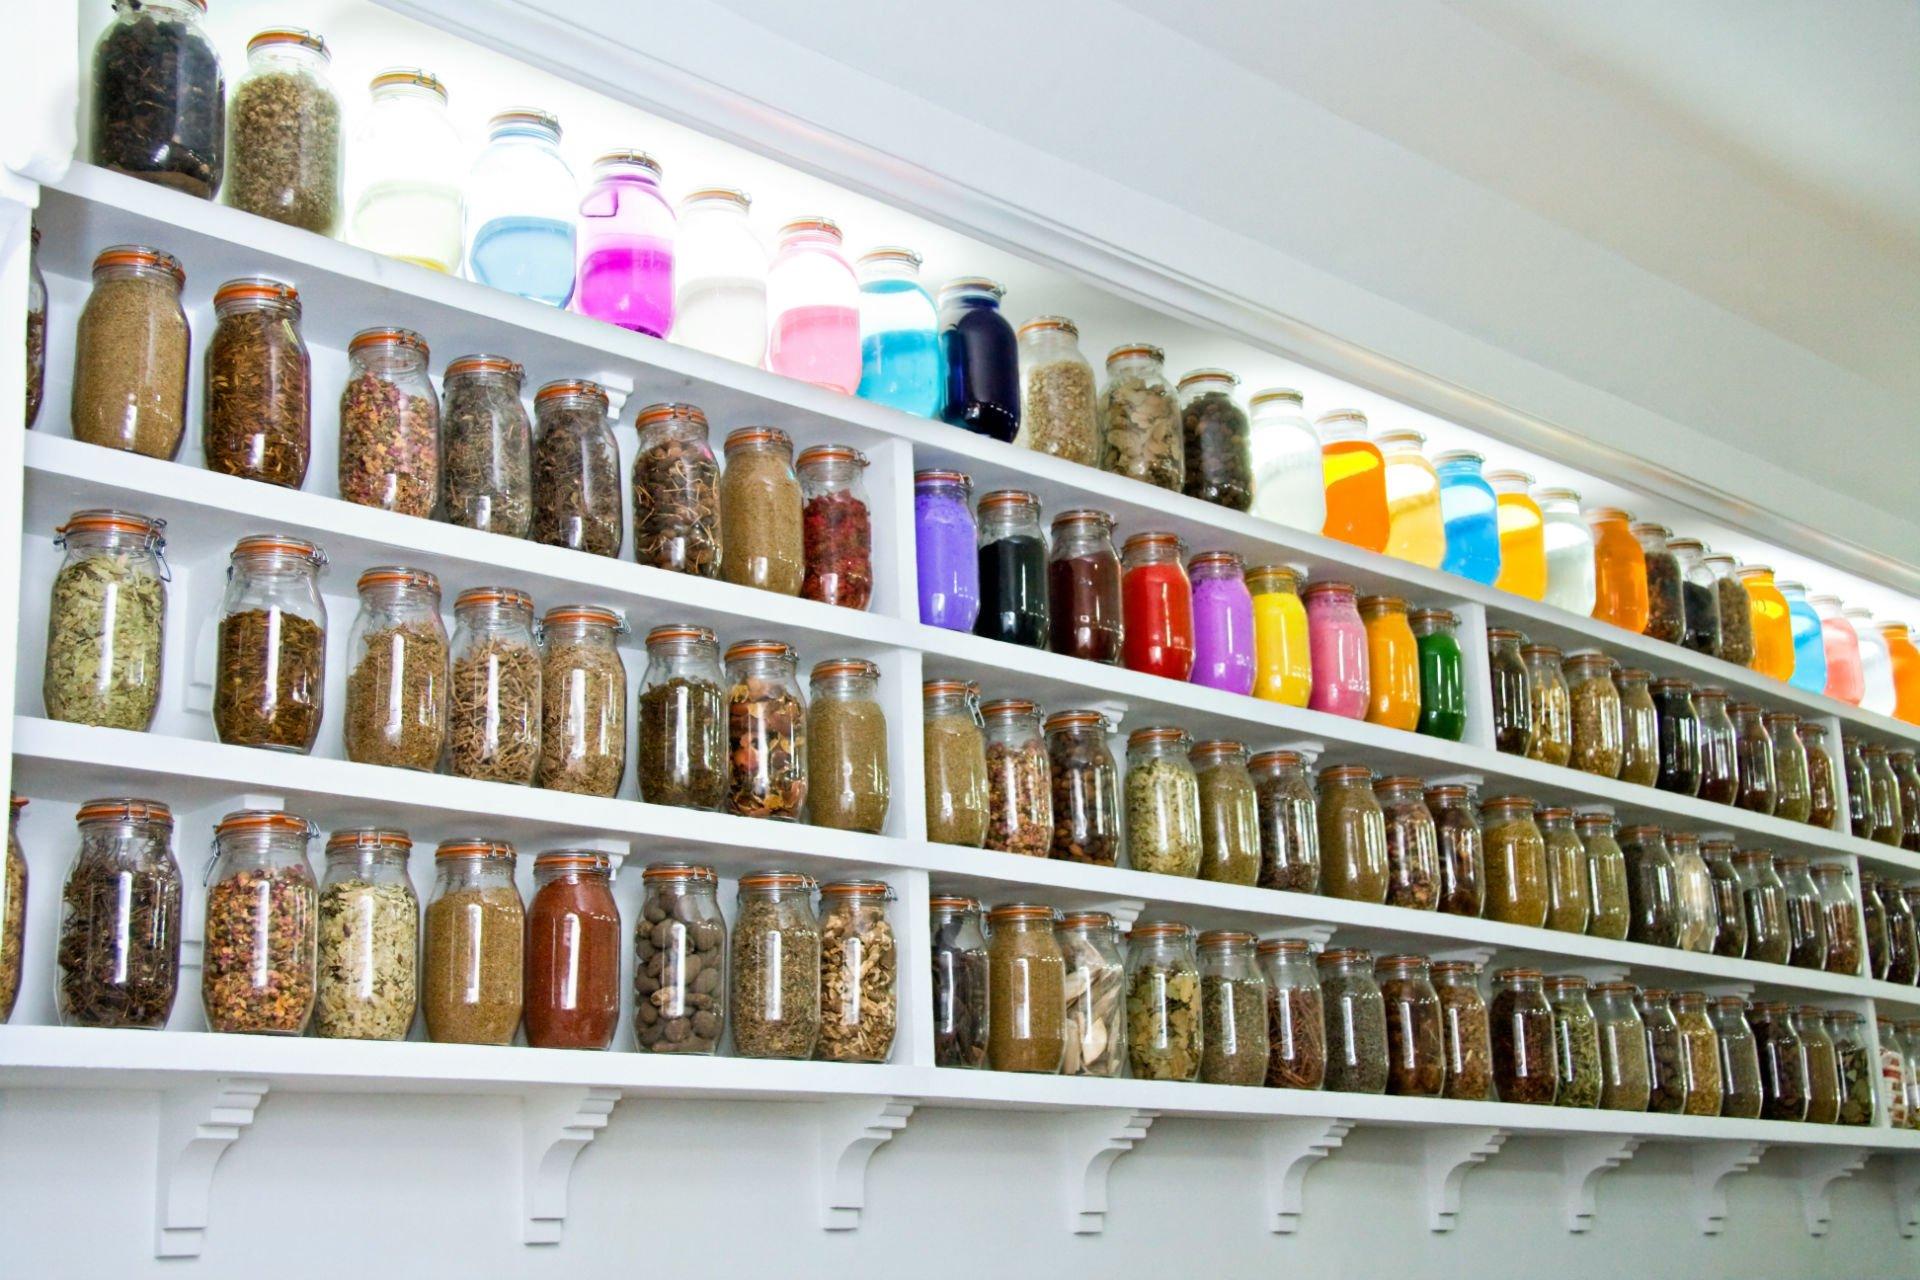 lungo scaffale di spezie, tè e infusi